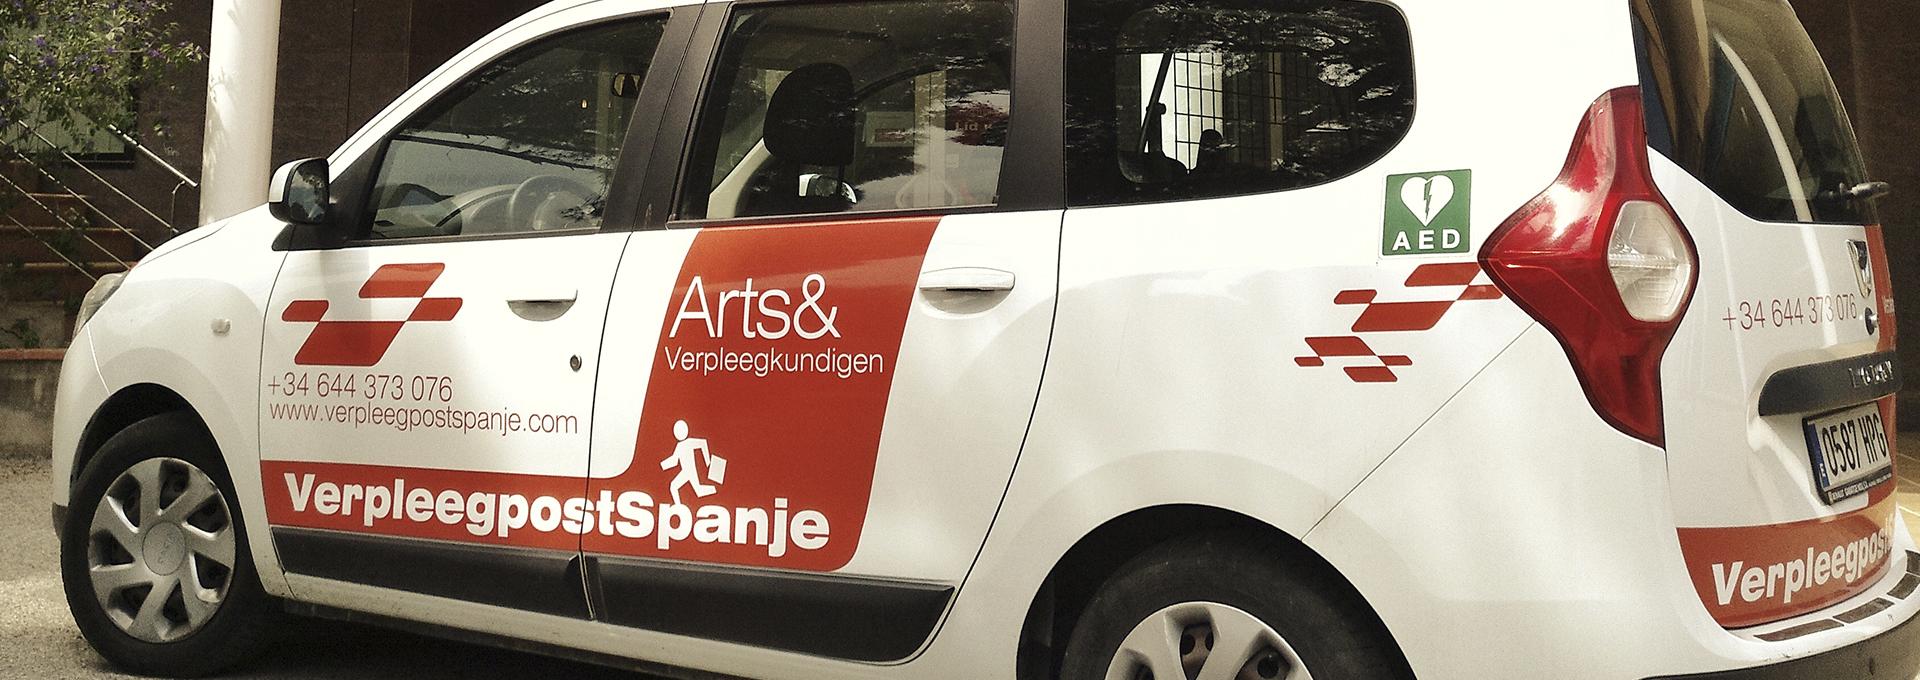 ambulance naast huisartsenpraktijk waar uw huisarts en verpleegkundigen in dienst zijn, 24 uur per dag voor onze leden in Pals aan de Costa Brava